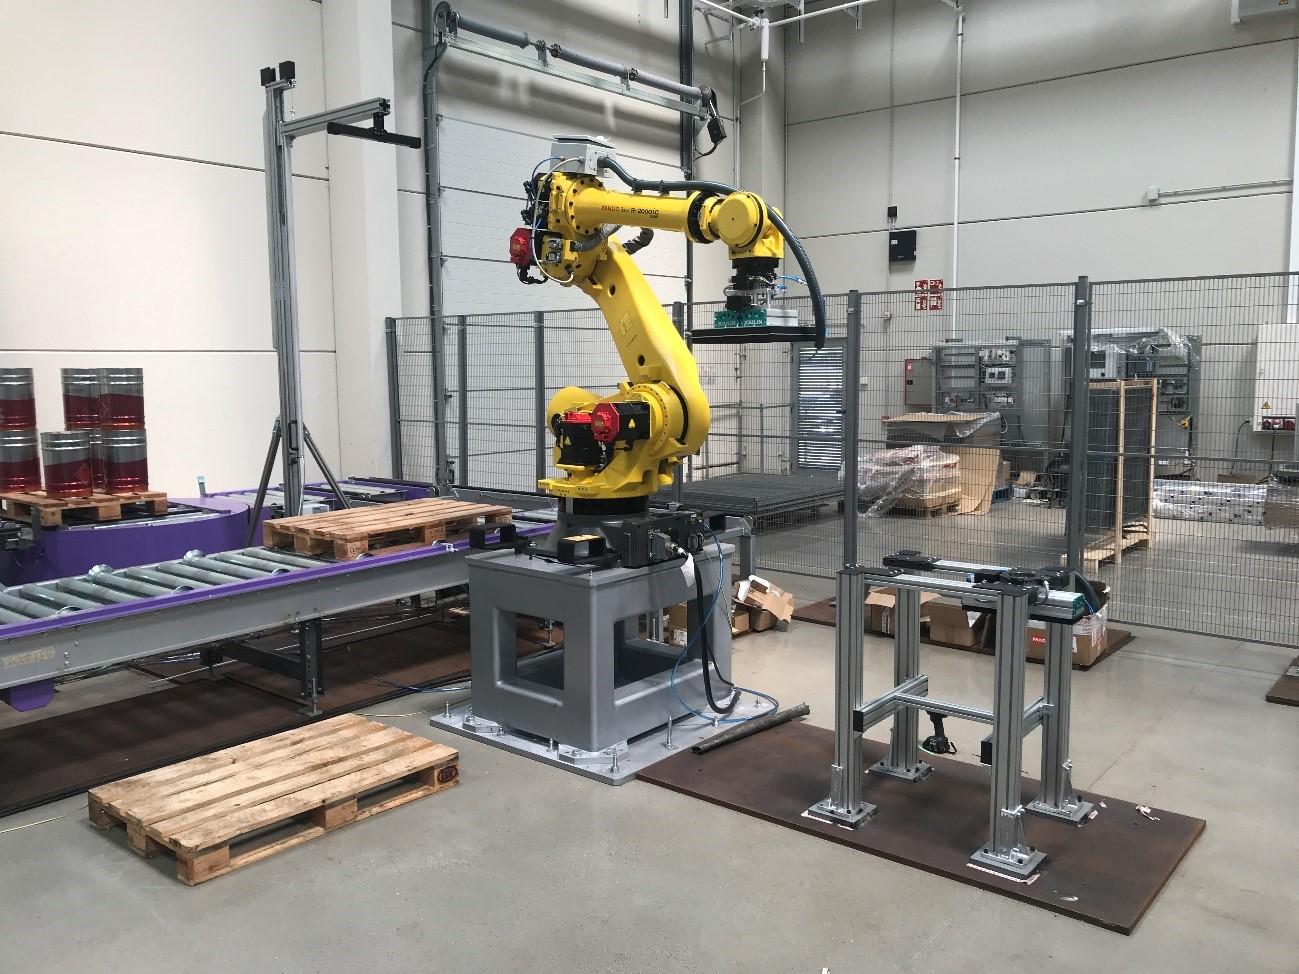 Robótica industrial: nuevos avances  para nuevos retos